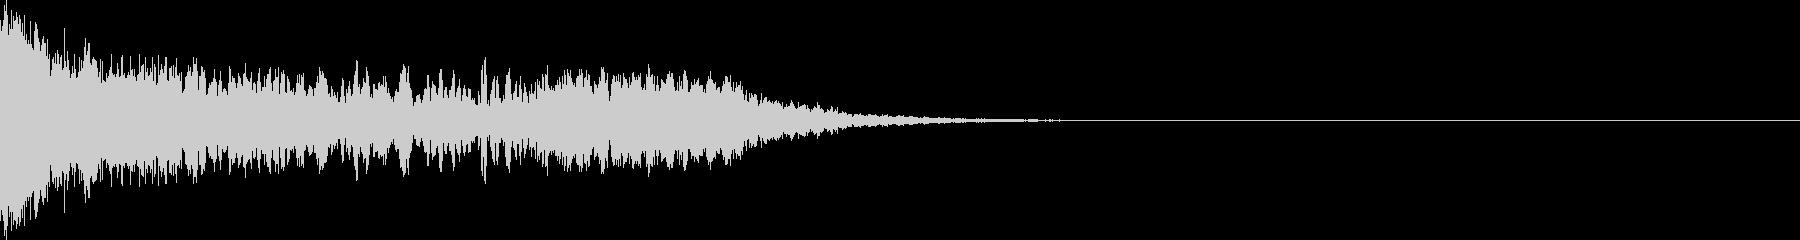 刀 剣 ソード カキーン キュイーン04の未再生の波形